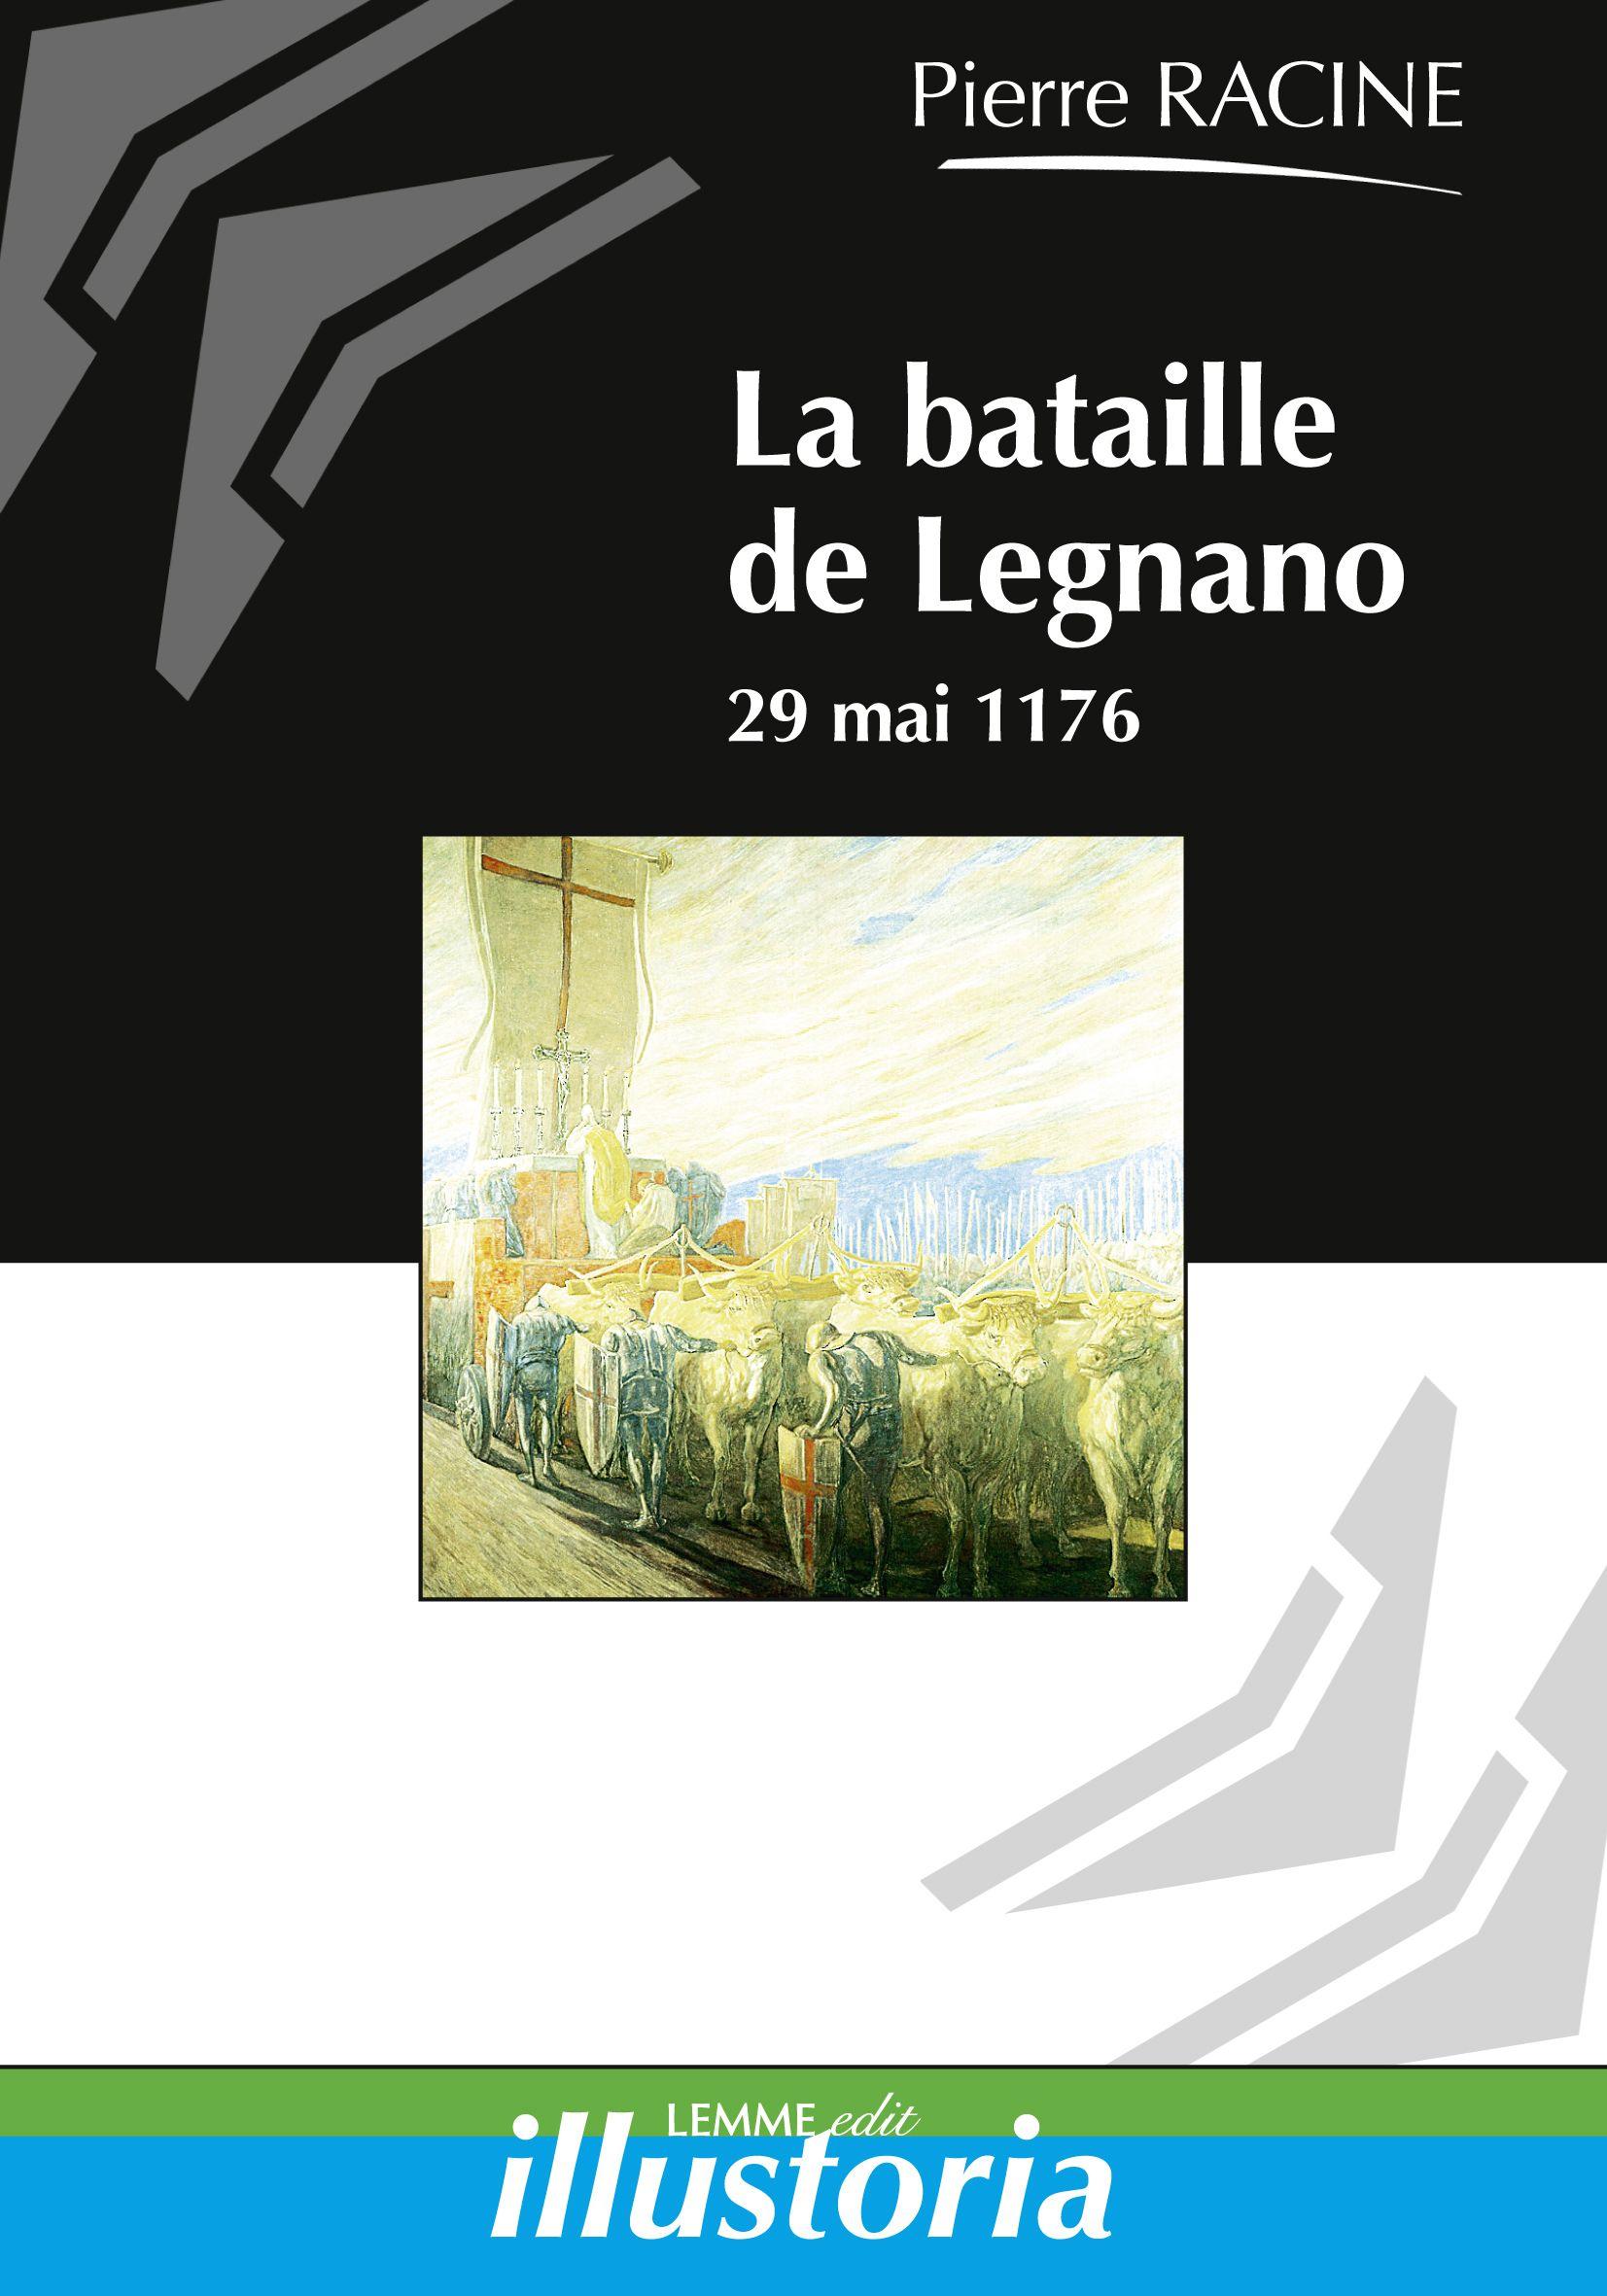 La bataille de Legnano, Pierre Racine, ouvrage d'histoire du Moyen Âge, Saint Empire romain-germanique, histoire de l'Italie médiévale.